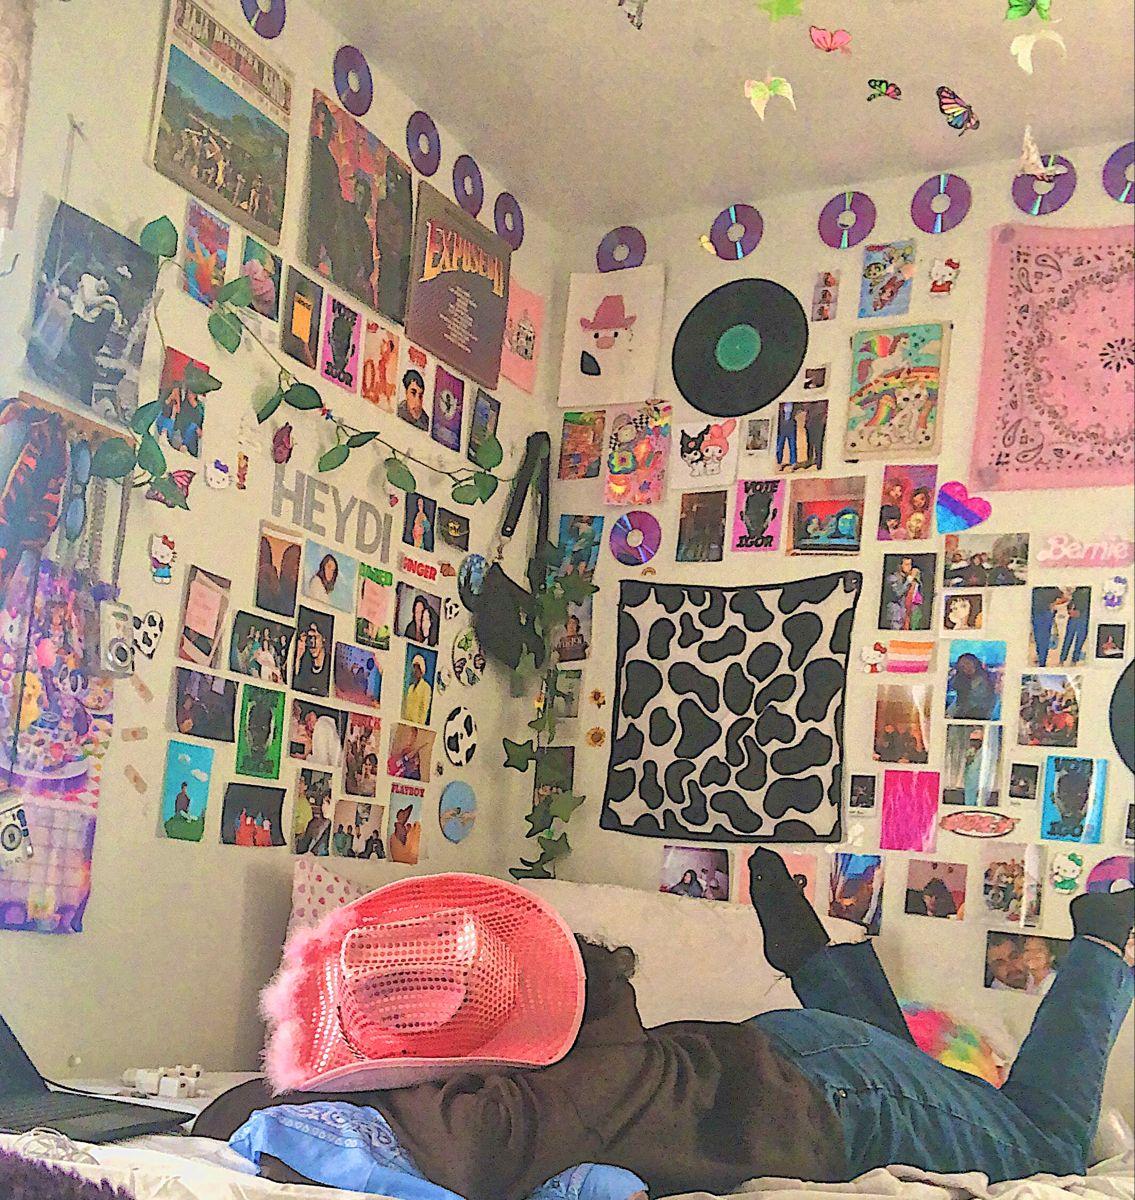 my pic/ insta is @heydilujan in 2020 | Indie room, Indie ... on Room Decor Indie id=32950